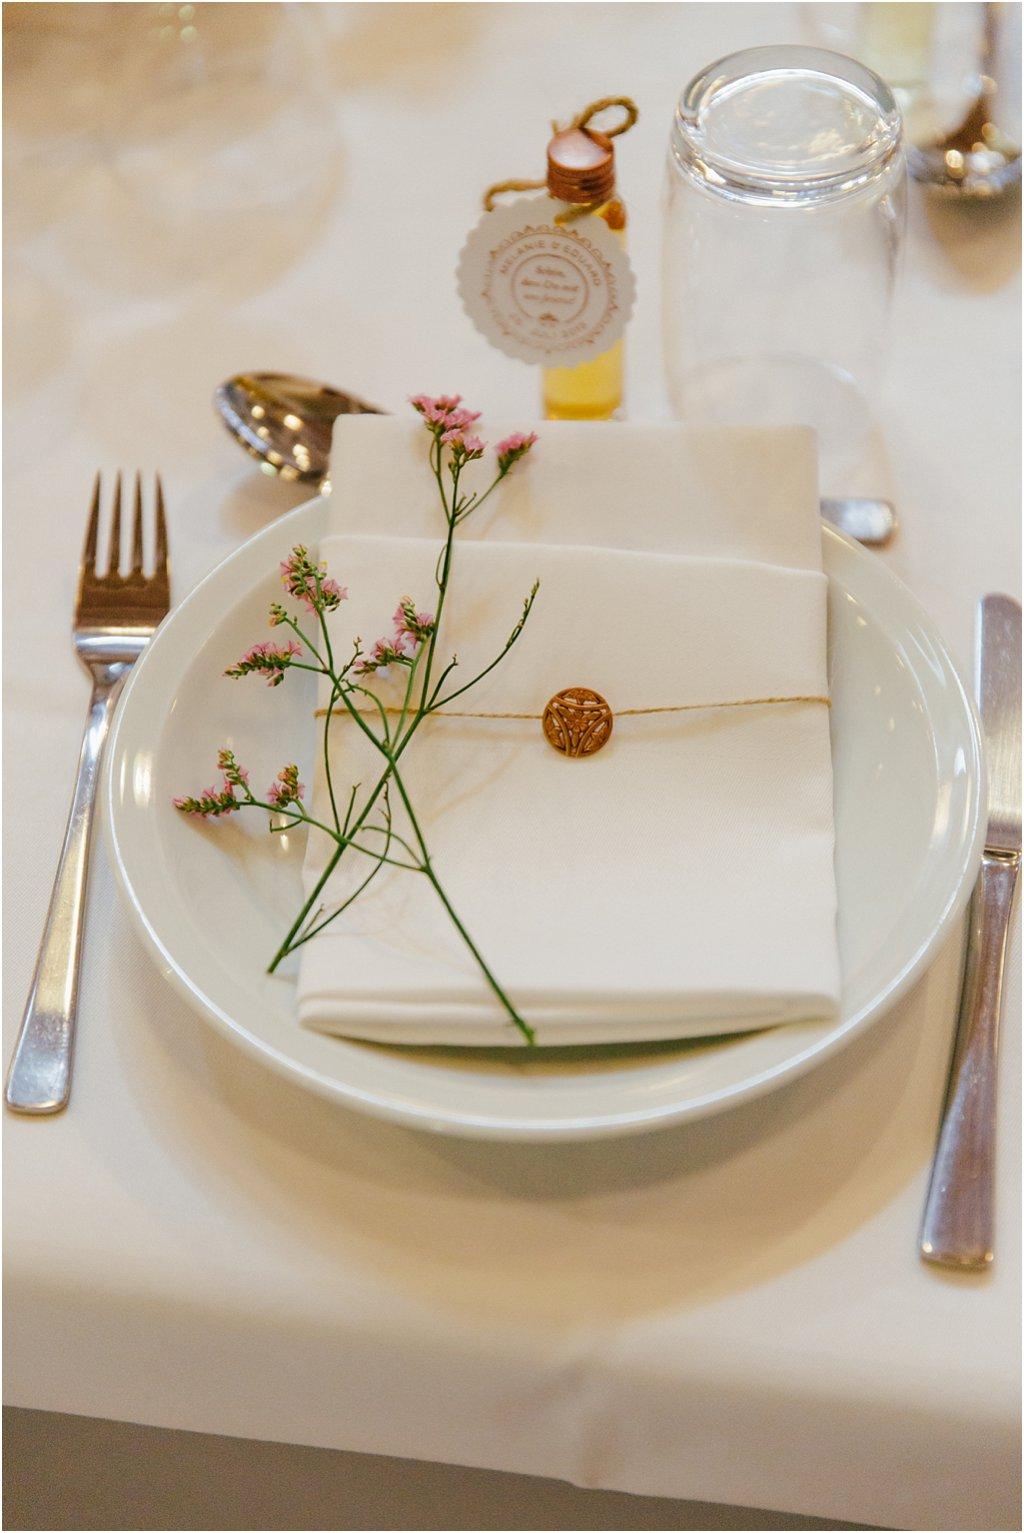 Hochzeit Serviette Dekoration